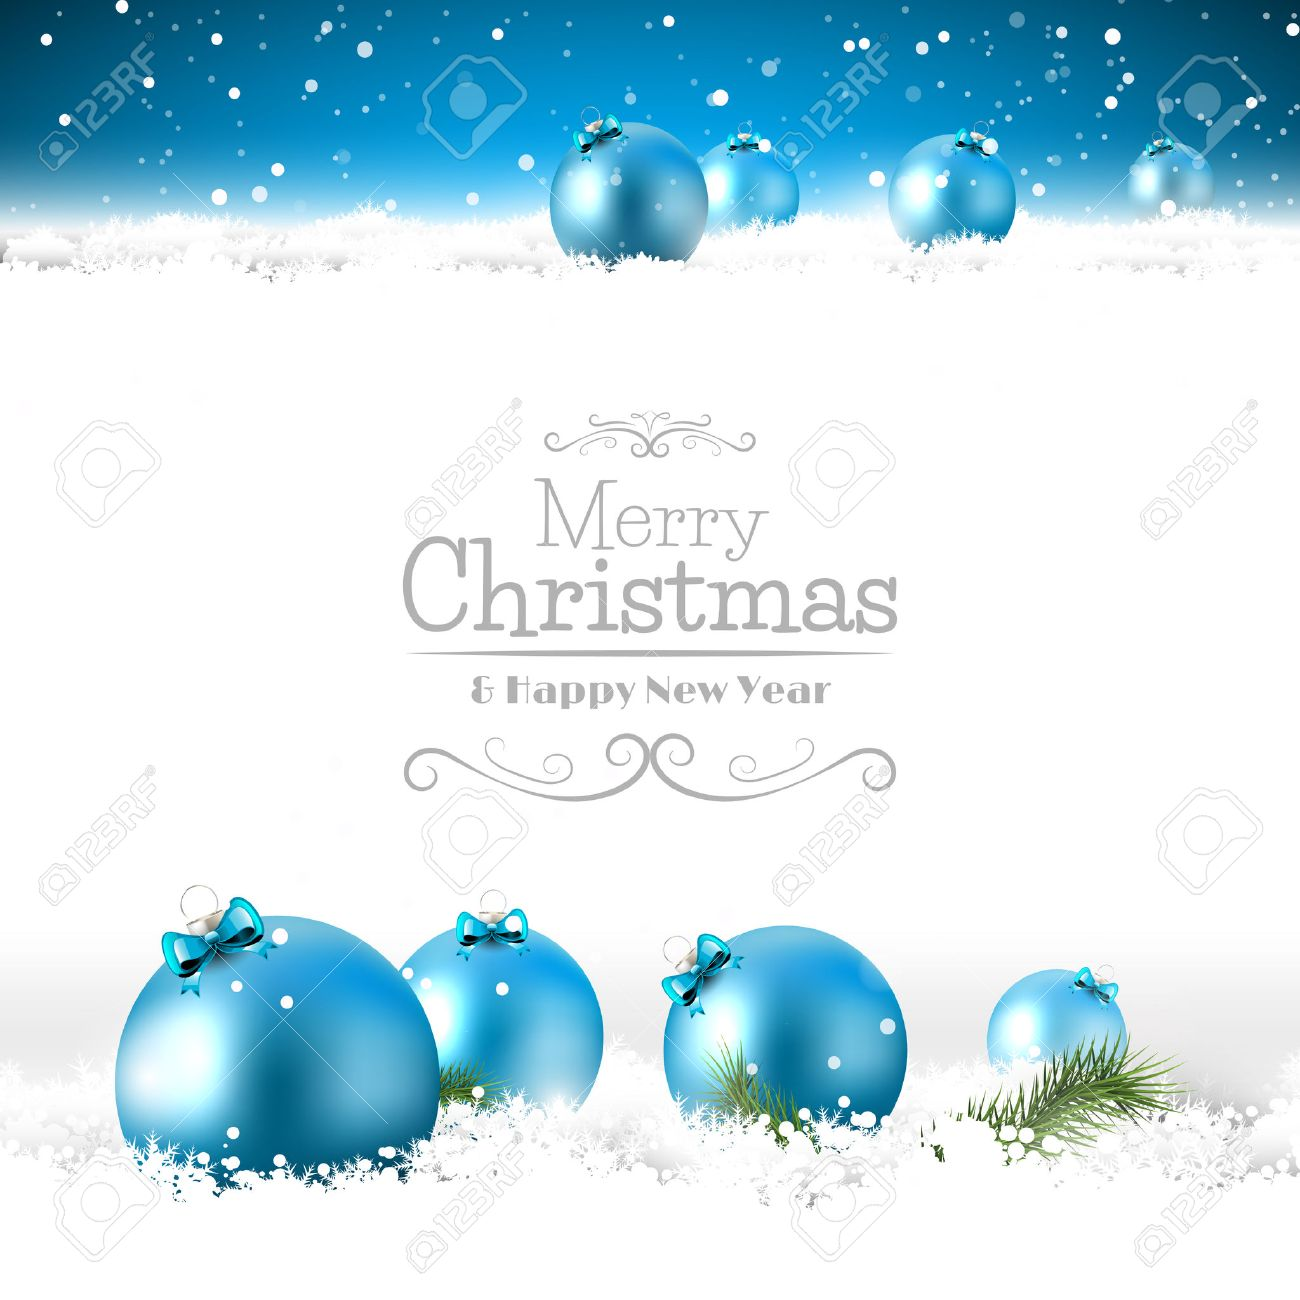 Blue Christmas Grußkarte Mit Kugeln Im Schnee Lizenzfrei Nutzbare ...